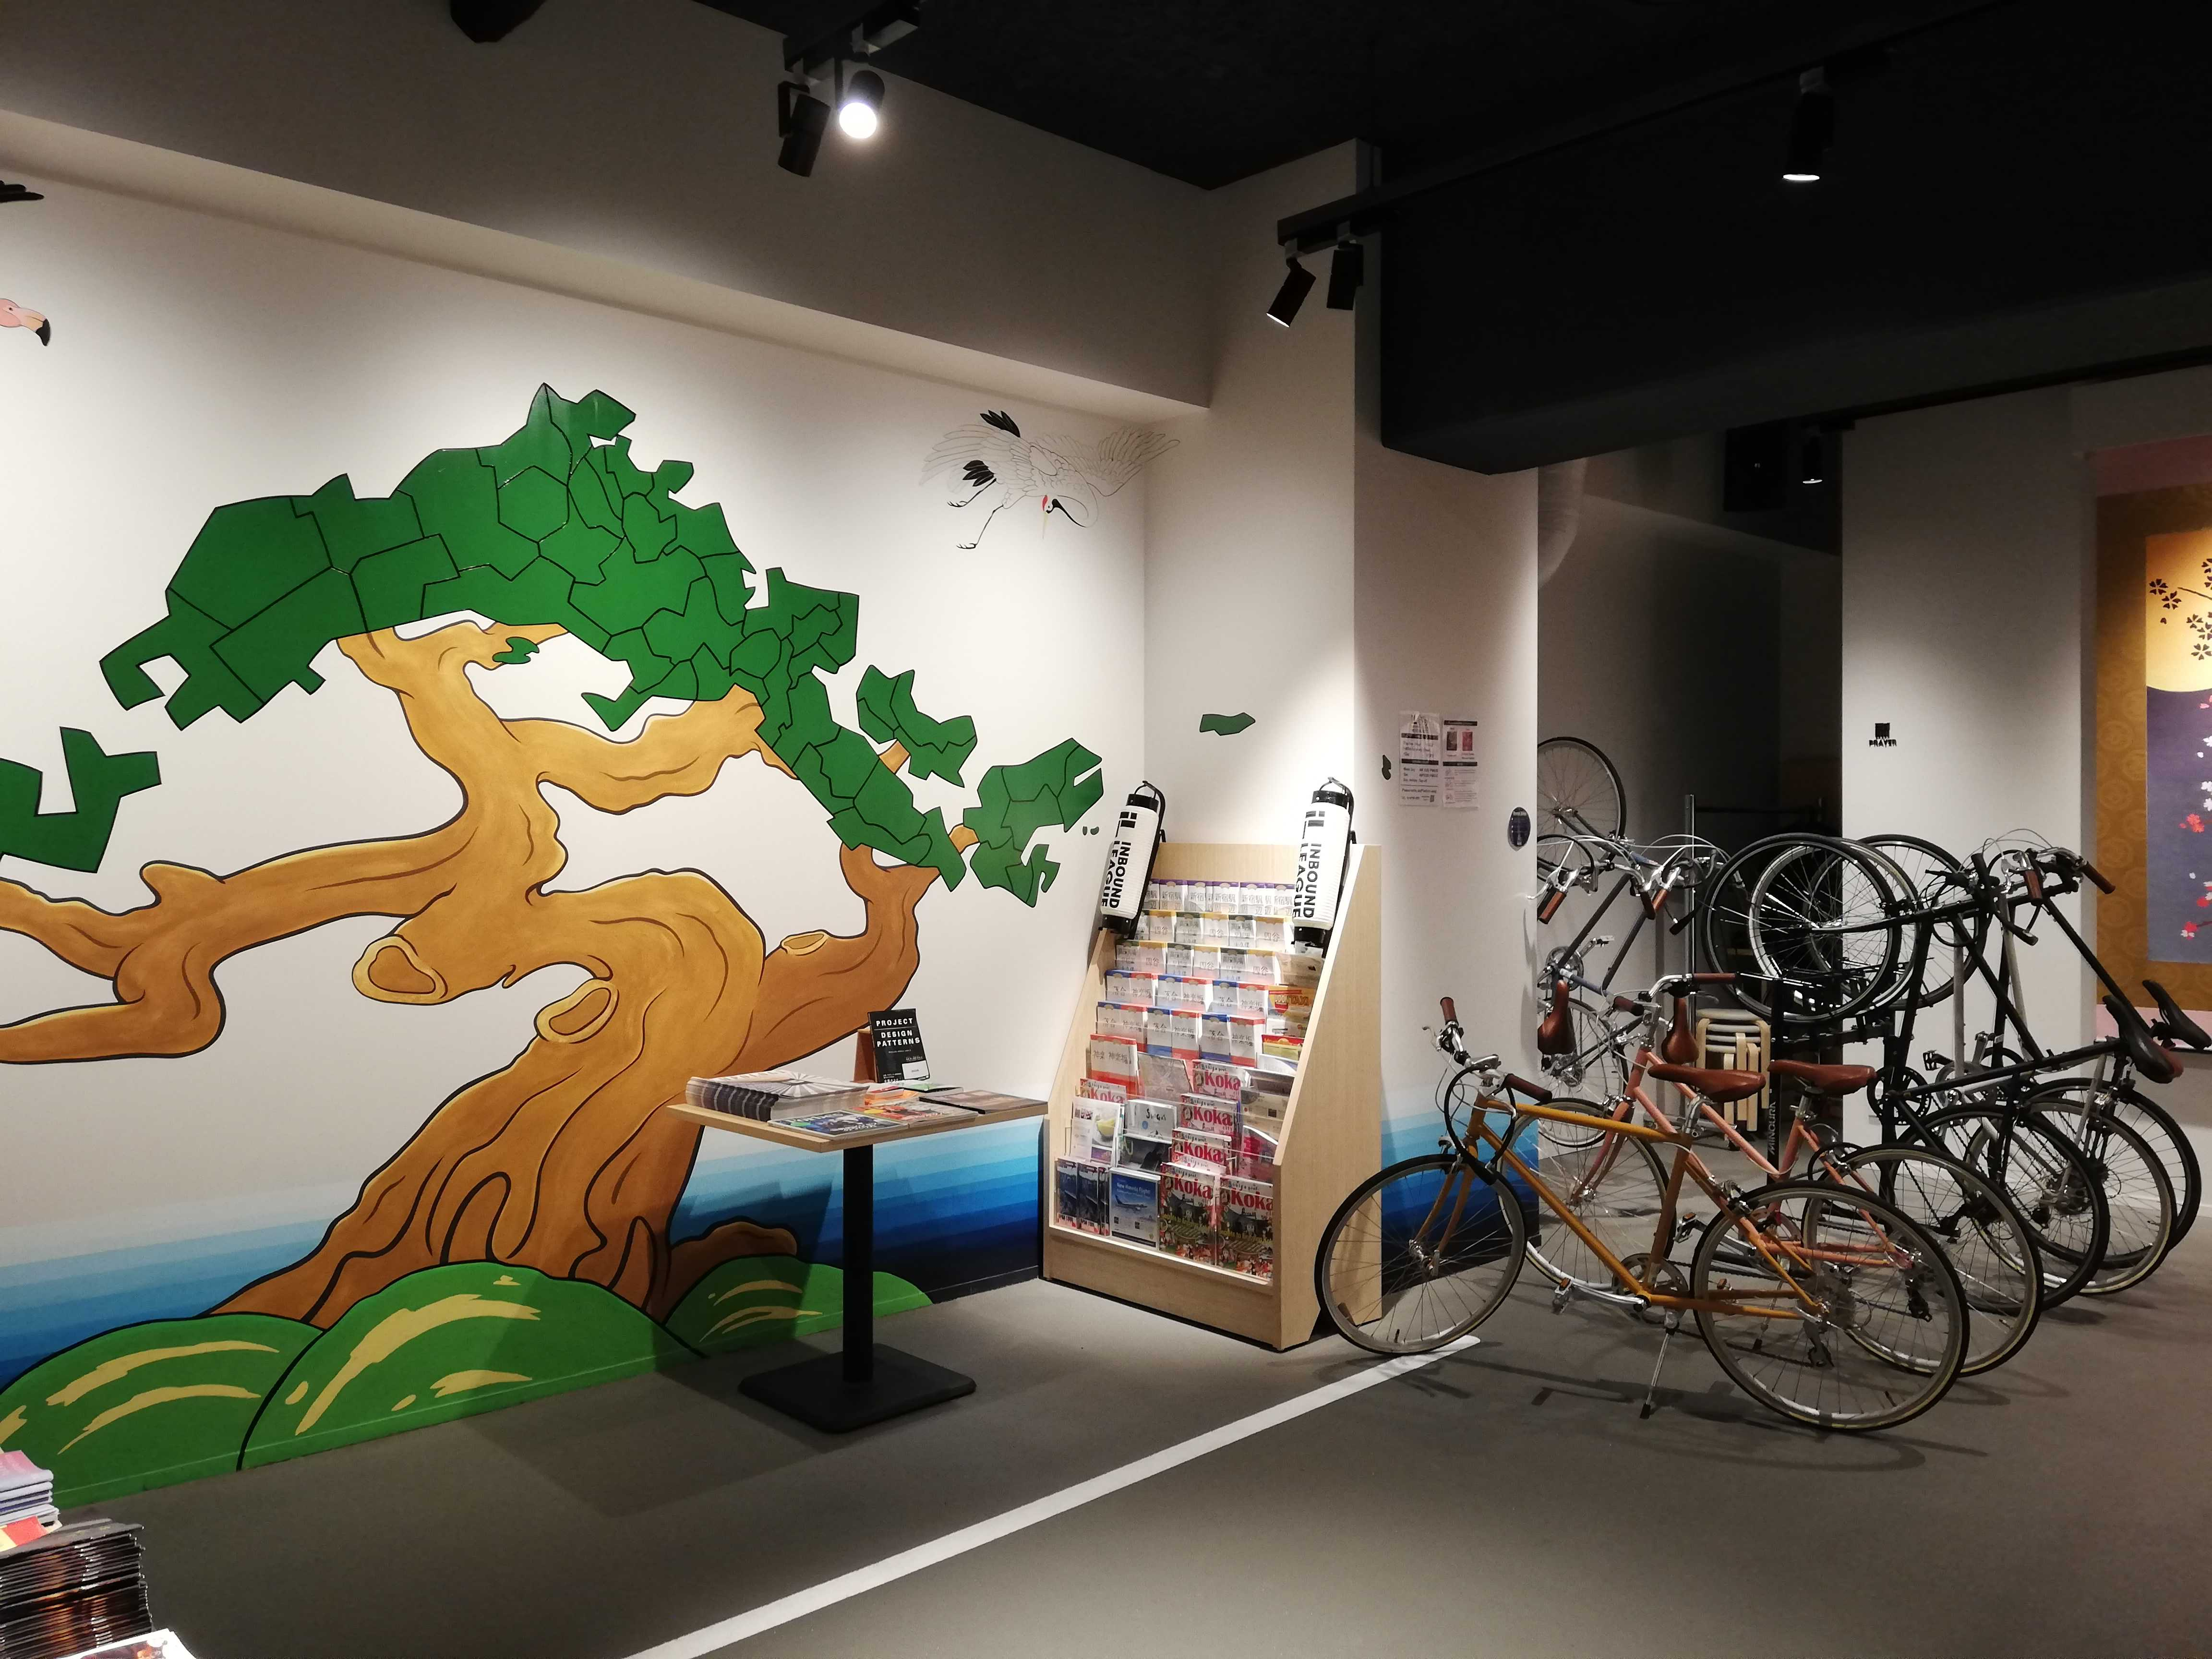 観光案内所で自転車が借りられます